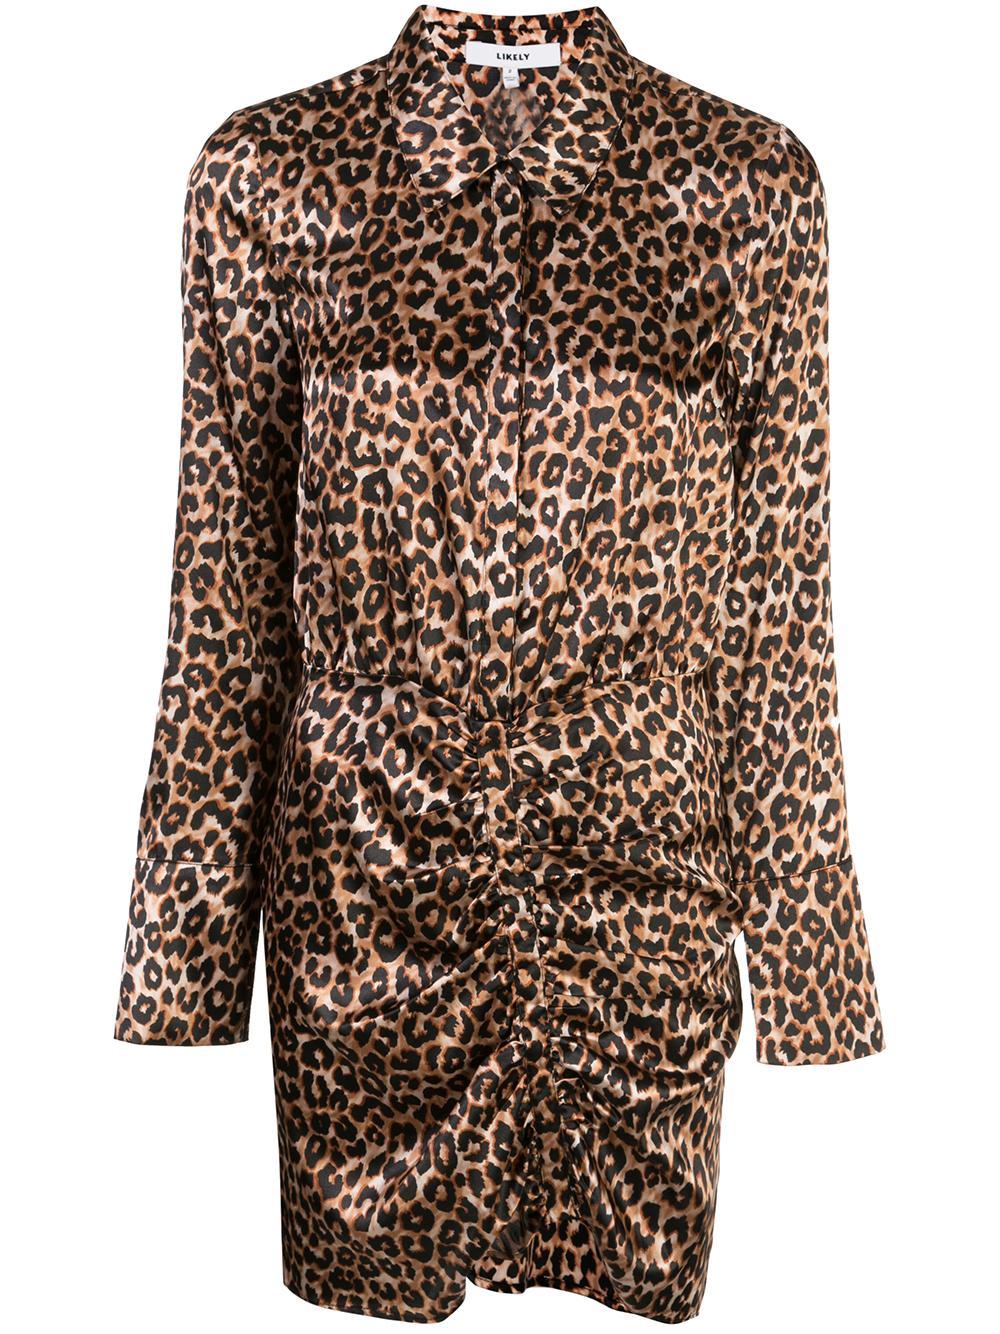 Leopard Emilia Collar Dress Item # YD10603115Y